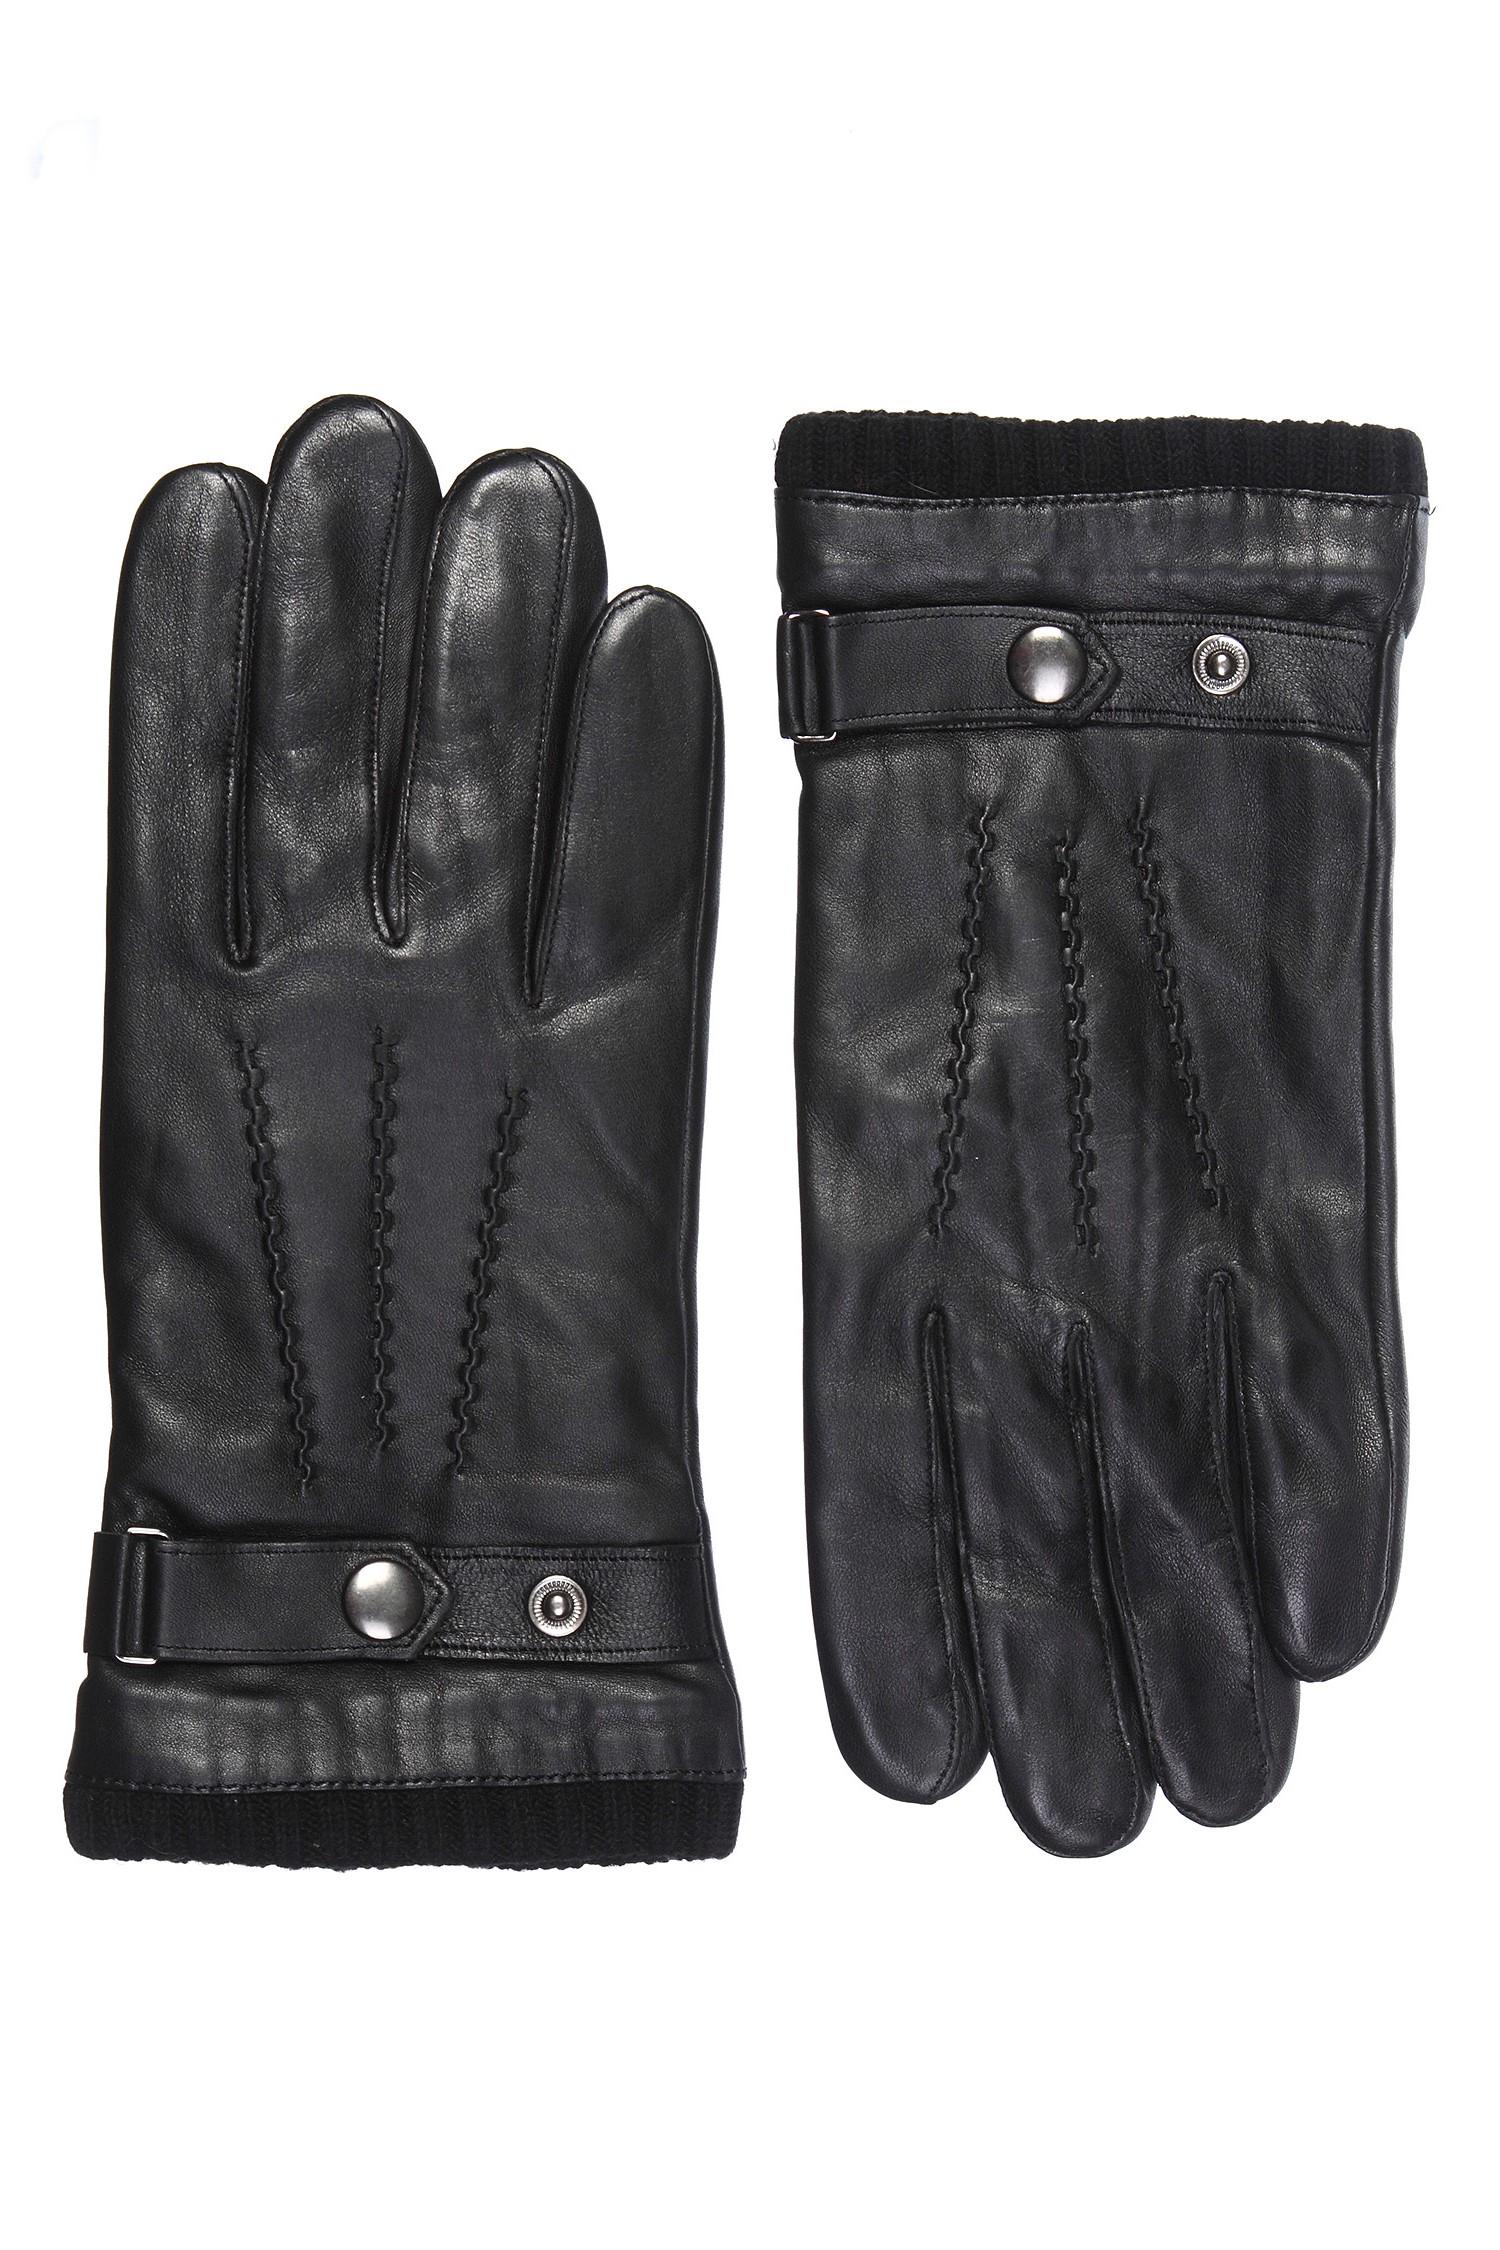 Перчатки мужские из натуральной кожи<br><br>Материал: Кожа овчина<br>Цвет: черный<br>Пол: Мужской<br>Размер RU: 8